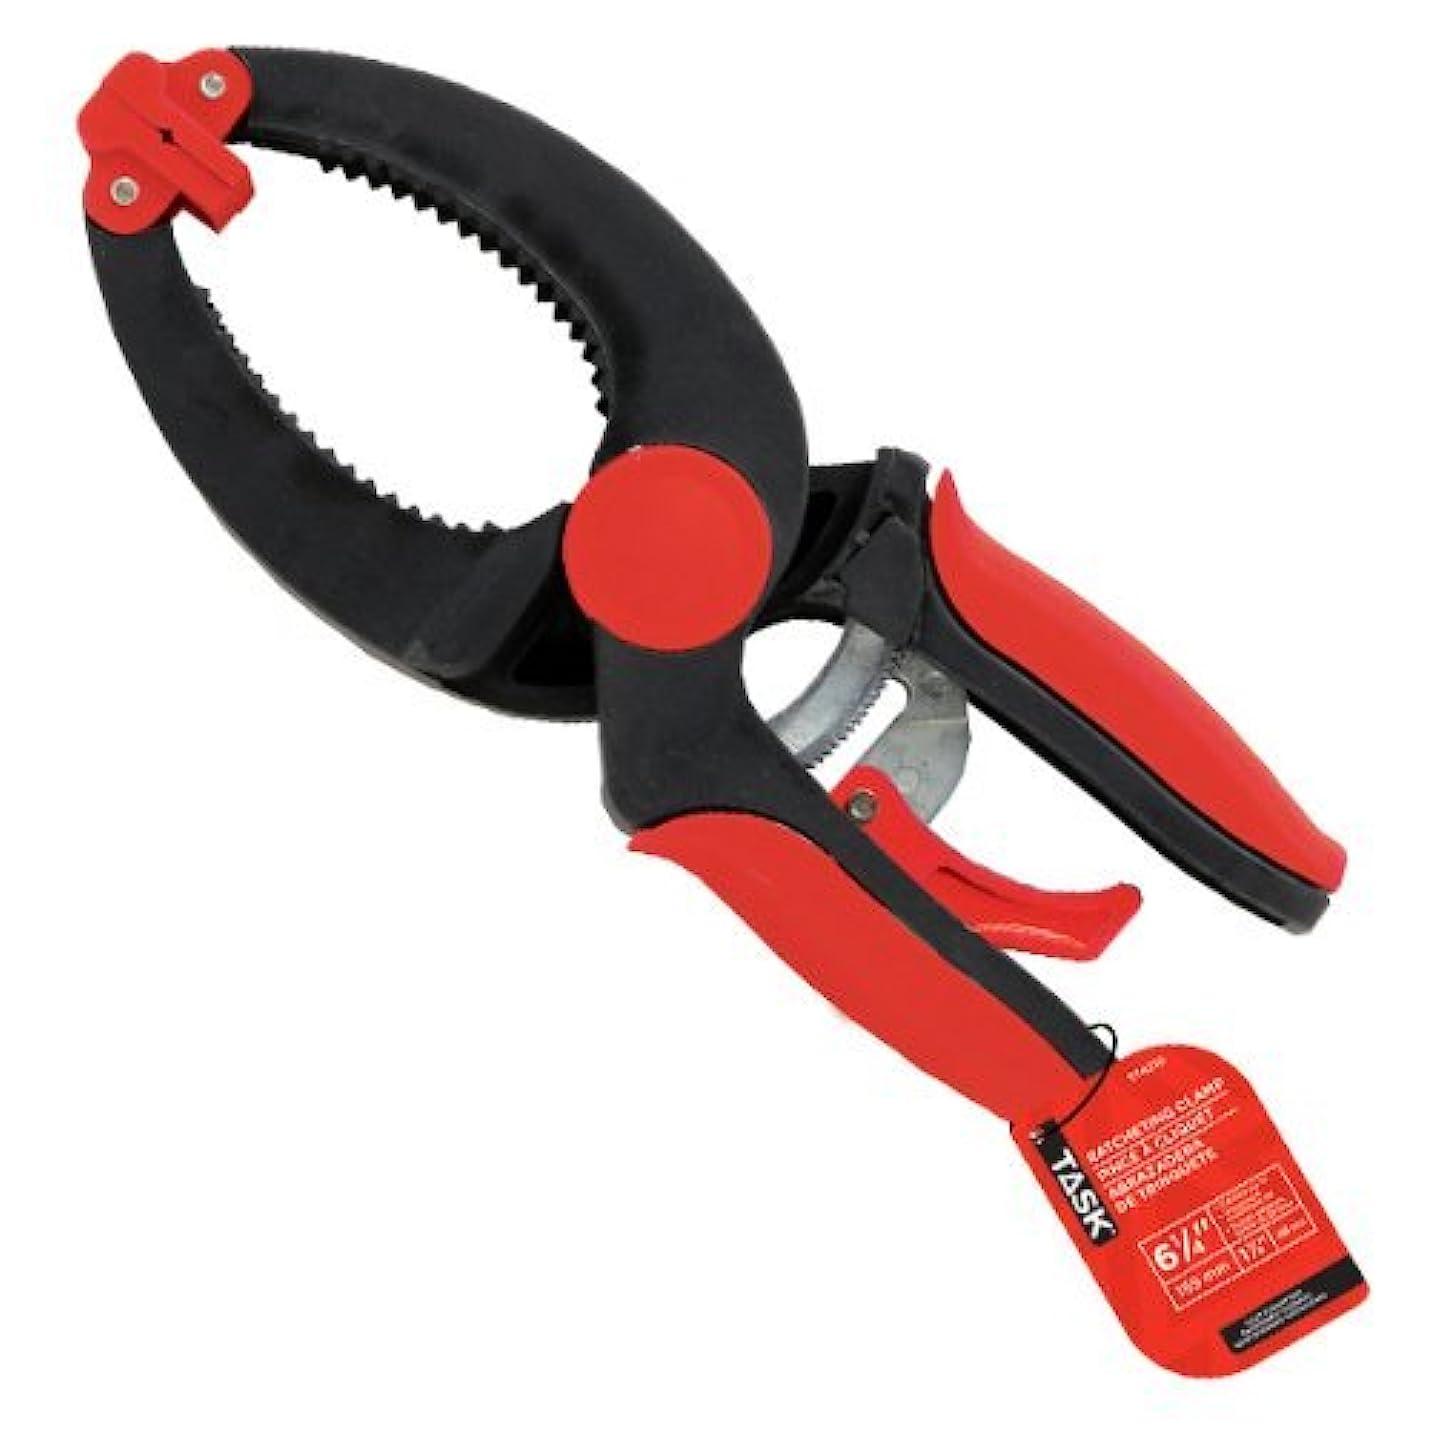 透けて見えるバナー信念Task Tools T74215 8-Inch Ratcheting Clamp [並行輸入品]